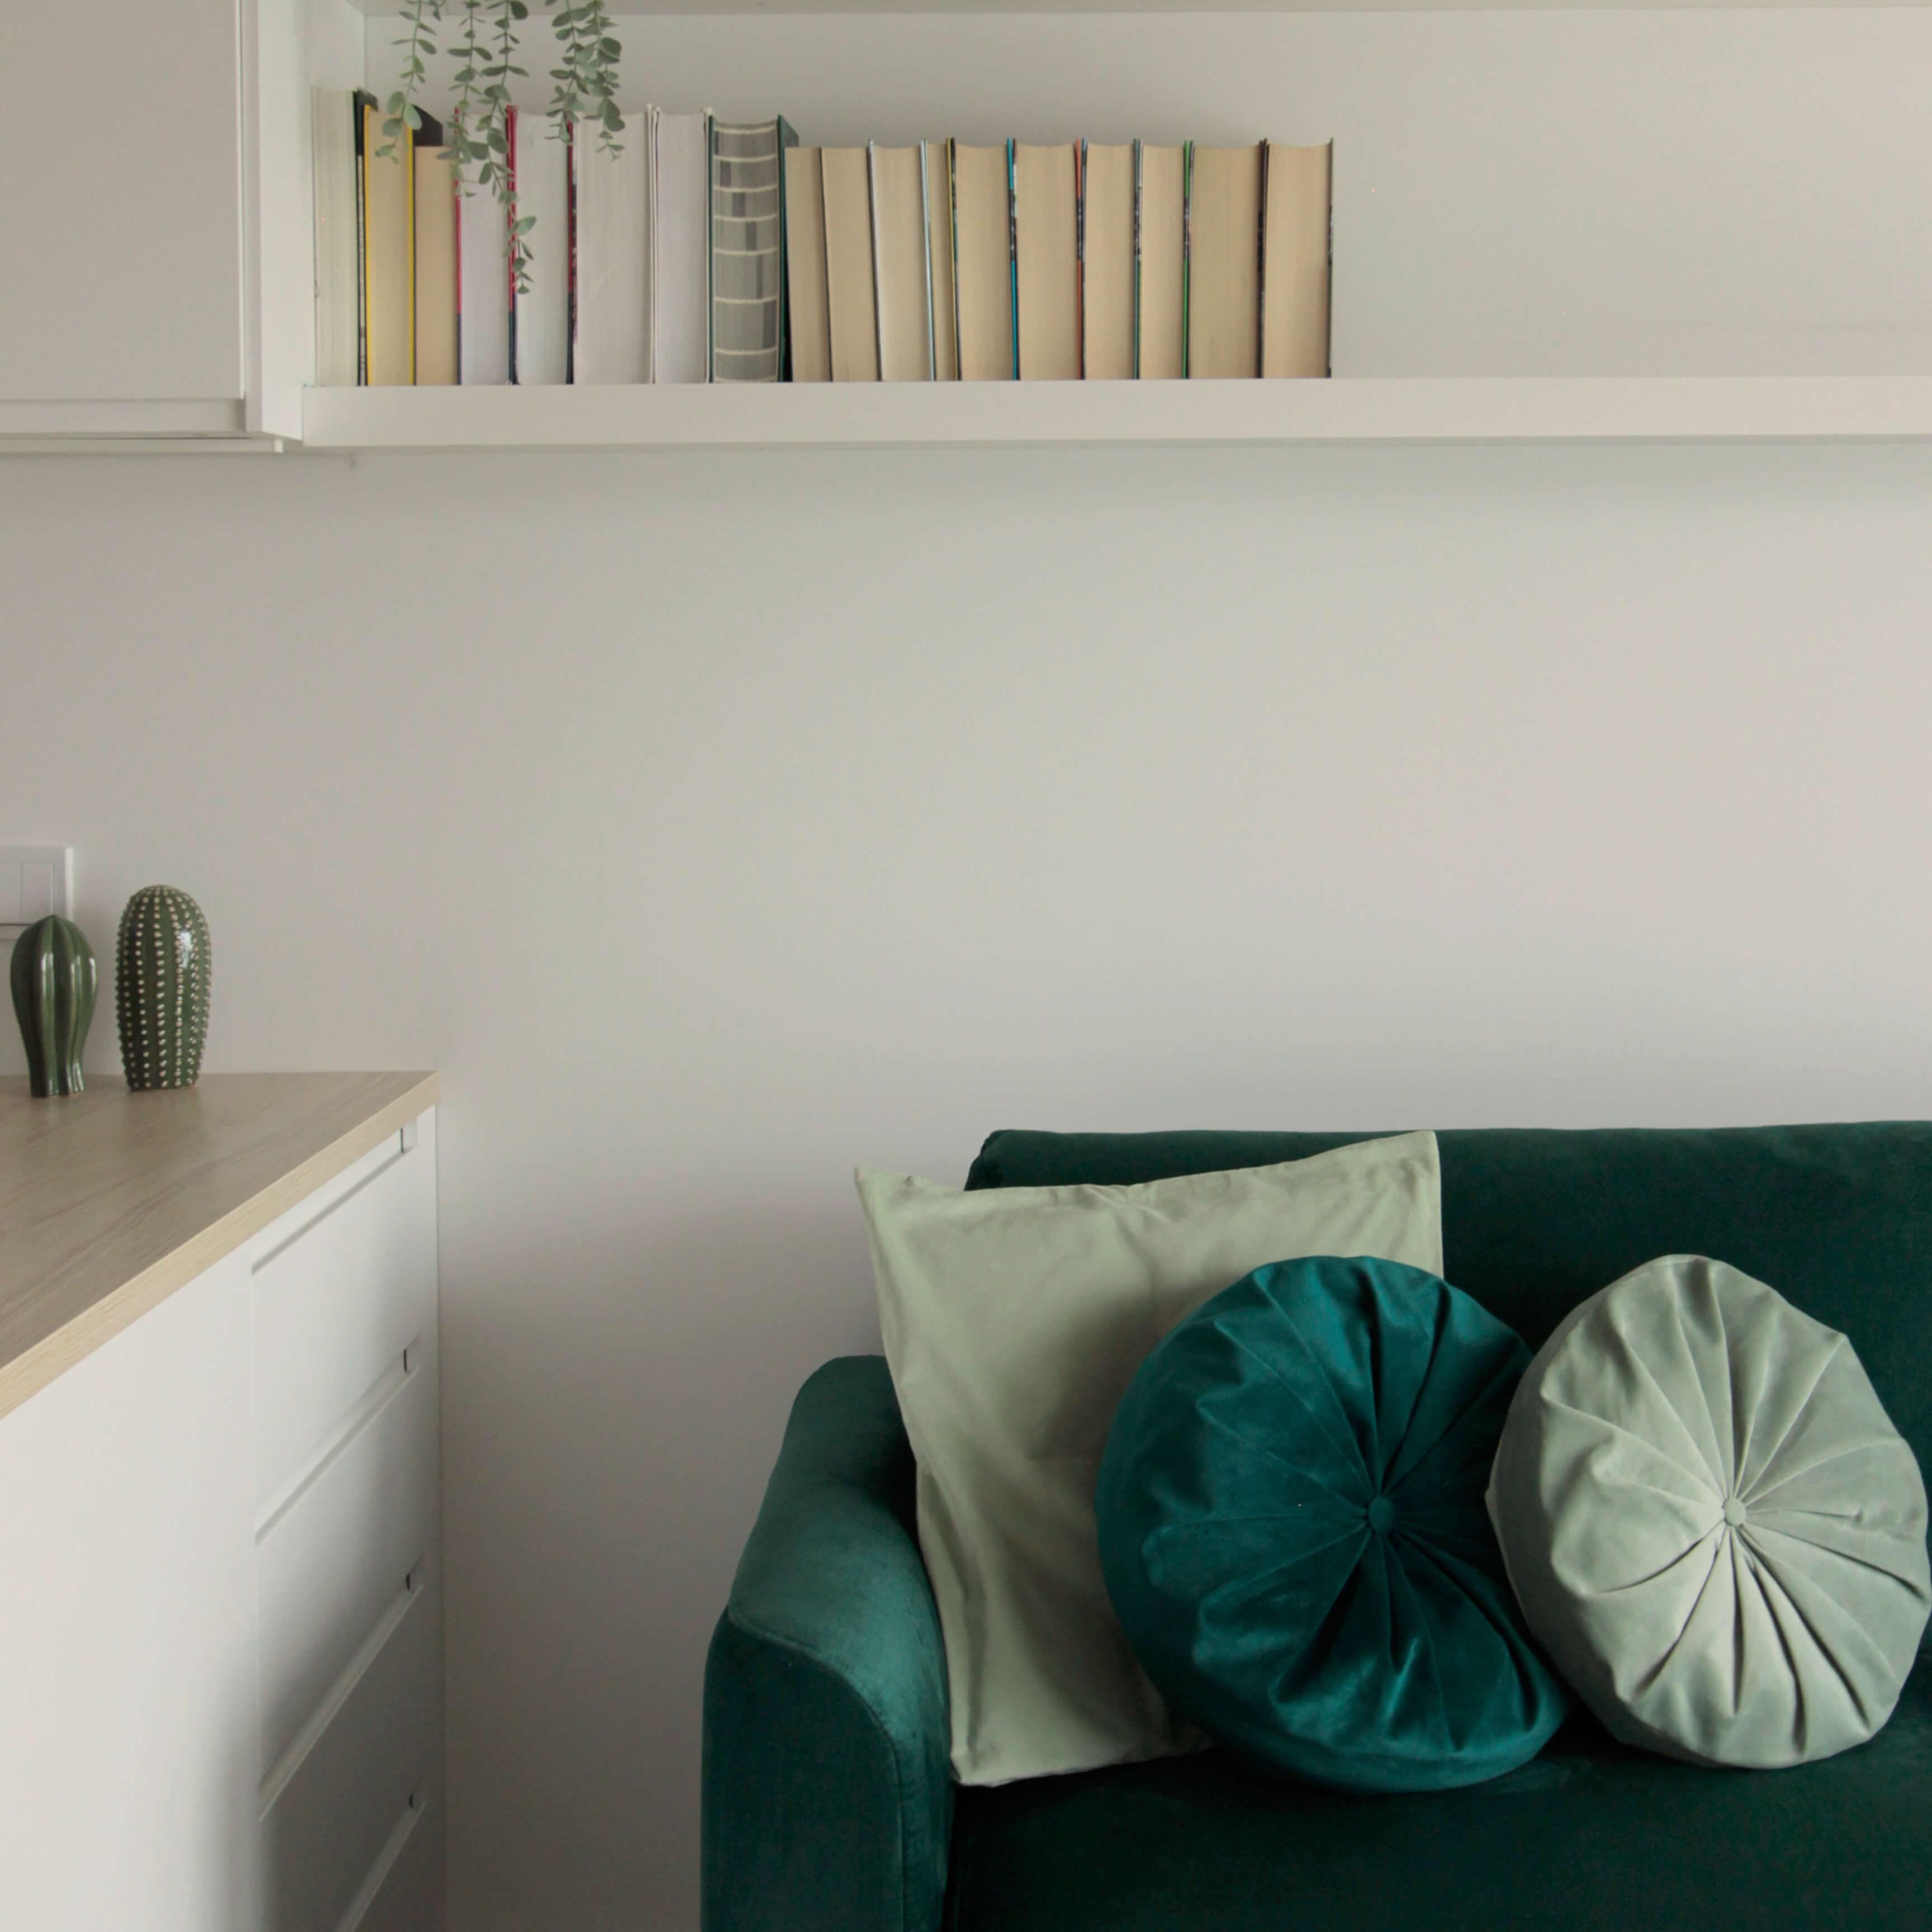 Projekt wnętrza mieszkania wraz z nadzorem nad realizacją. Salon w mieszkaniu 39 m2. Detale we wnętrzy mają ogromne znaczenie! Dzięki odpowieniemu doborowi lamp, poduszek, ozdobów czy kocy można zupełnie zmienić klimat wnętrza. Tutaj zastosowaliśmy subtelne dodatki w naturalnej kolorystyce, które delikatnie ożywiają jasne wnętrze.